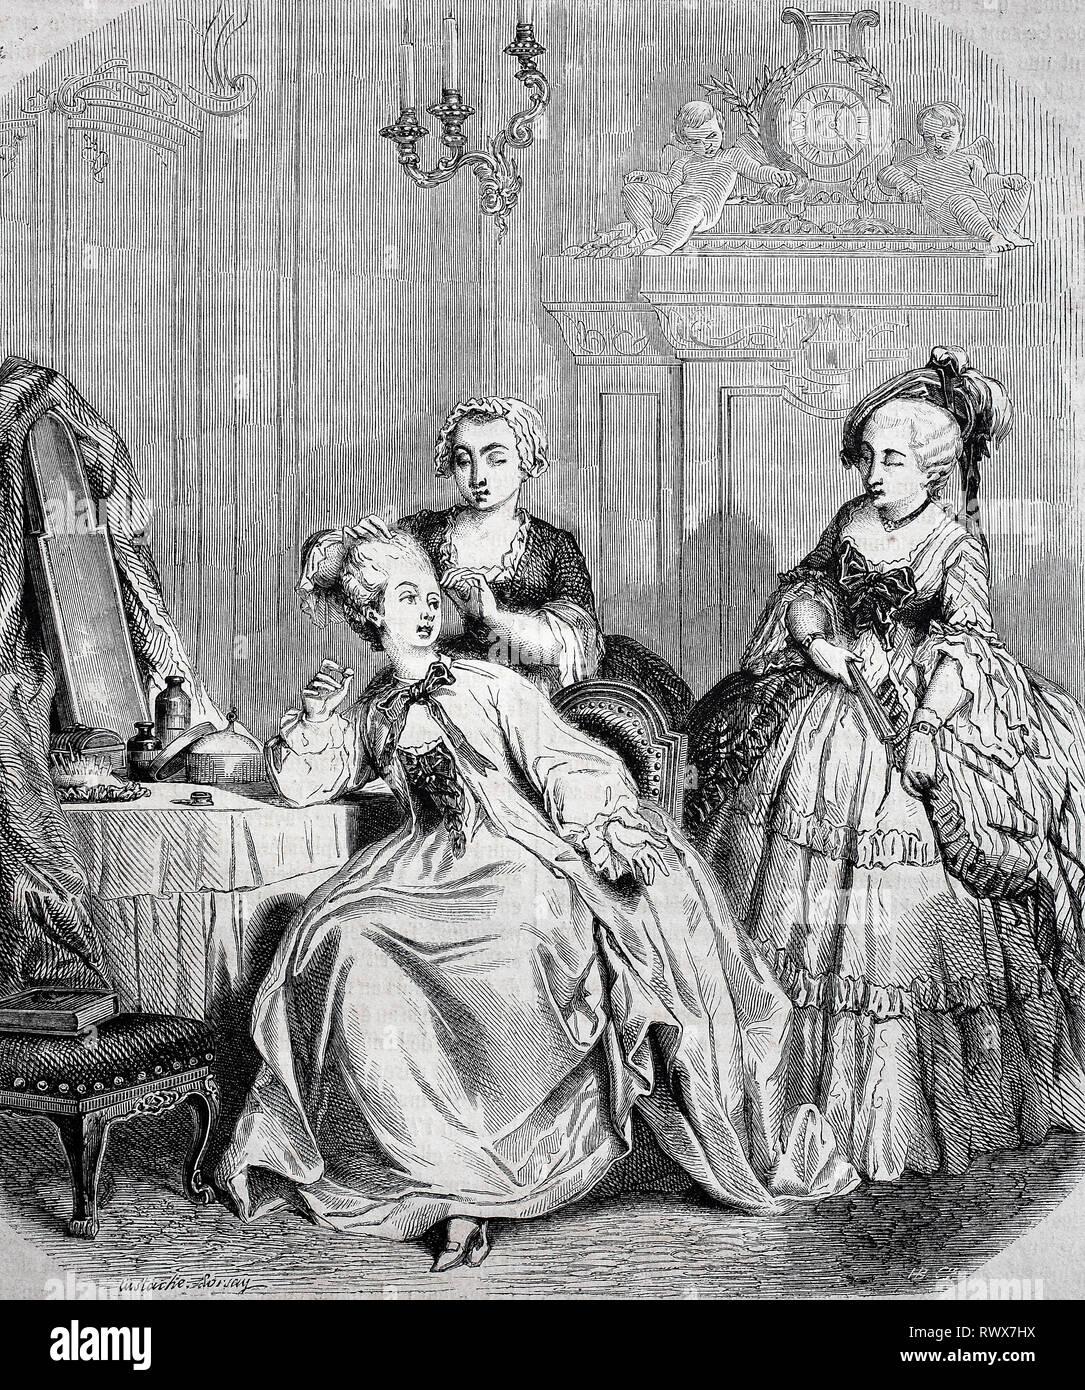 elegante Frauen beim Frisieren, zur Zeit von Ludwig XV., 1750, Frankreich  /  elegant women dressing, at the time of ludwig xv., 1750, france - Stock Image